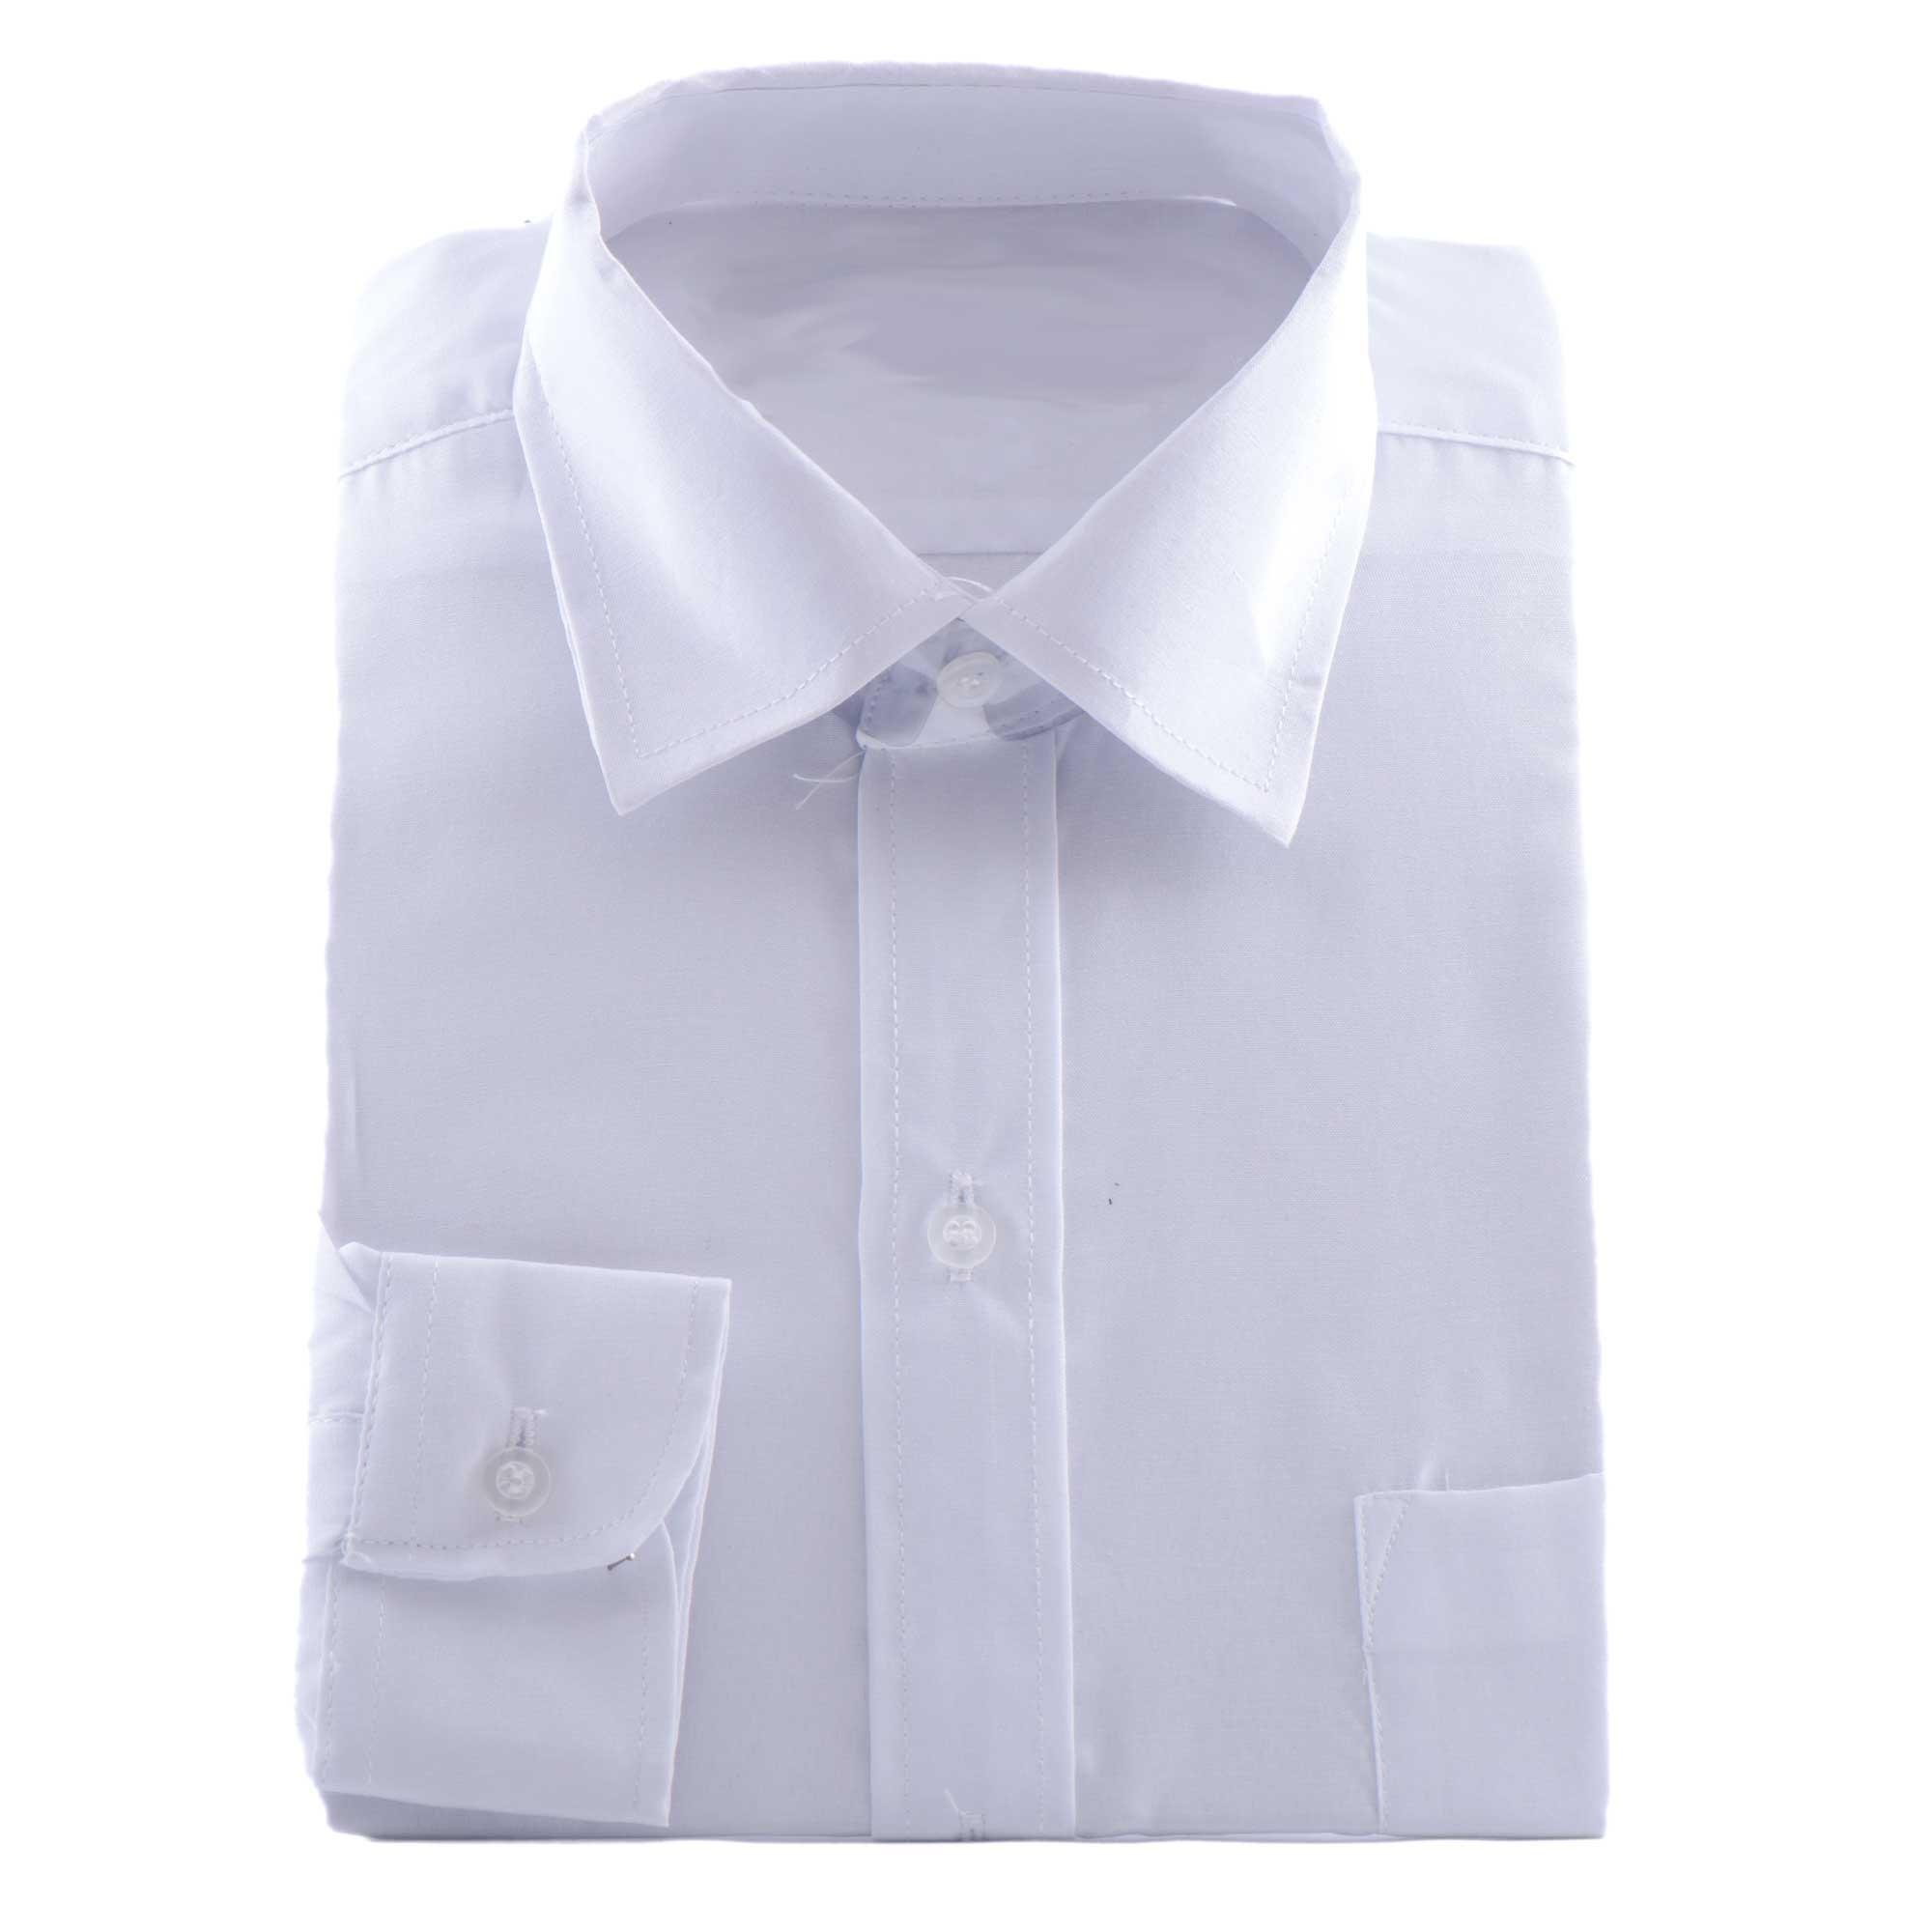 Bruidsjonkers overhemd in de kleur wit